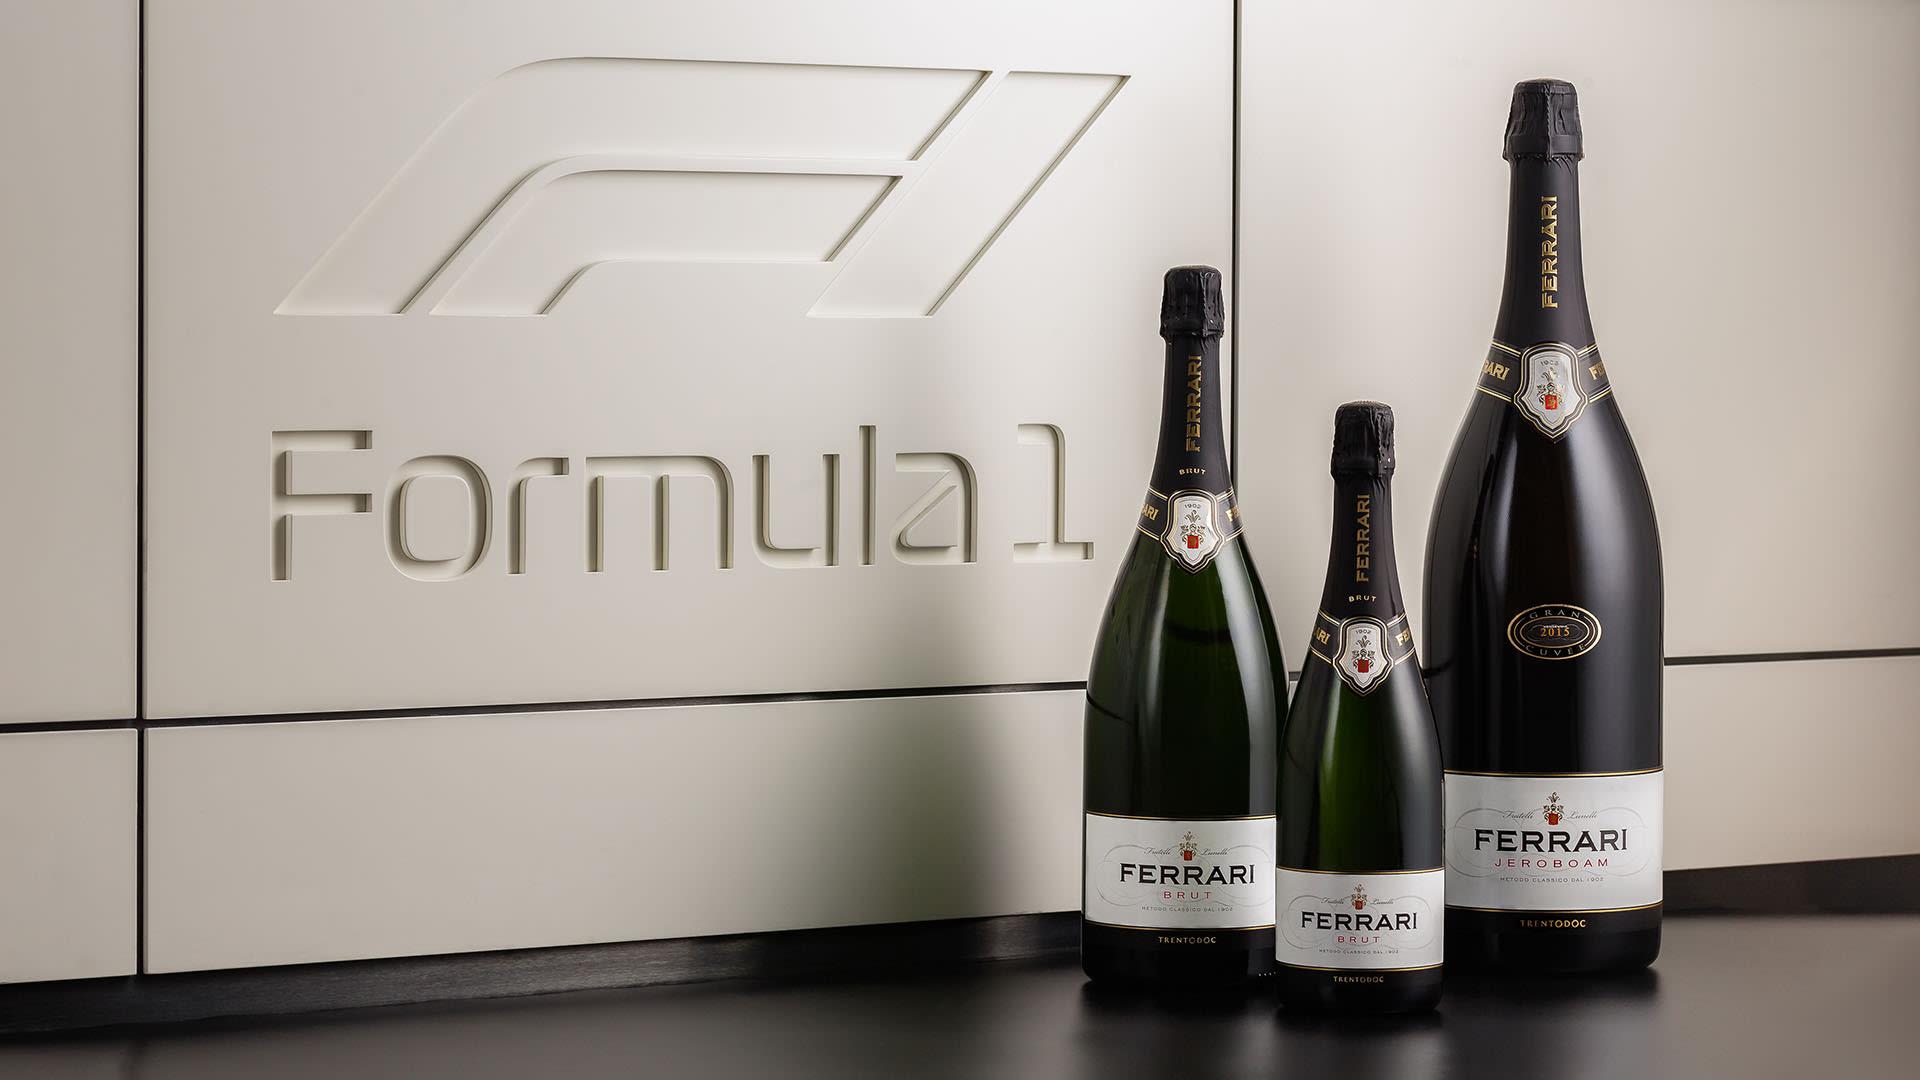 Ferrari Trento Named Official Toast Of Formula 1 Ahead Of 2021 Season Formula 1